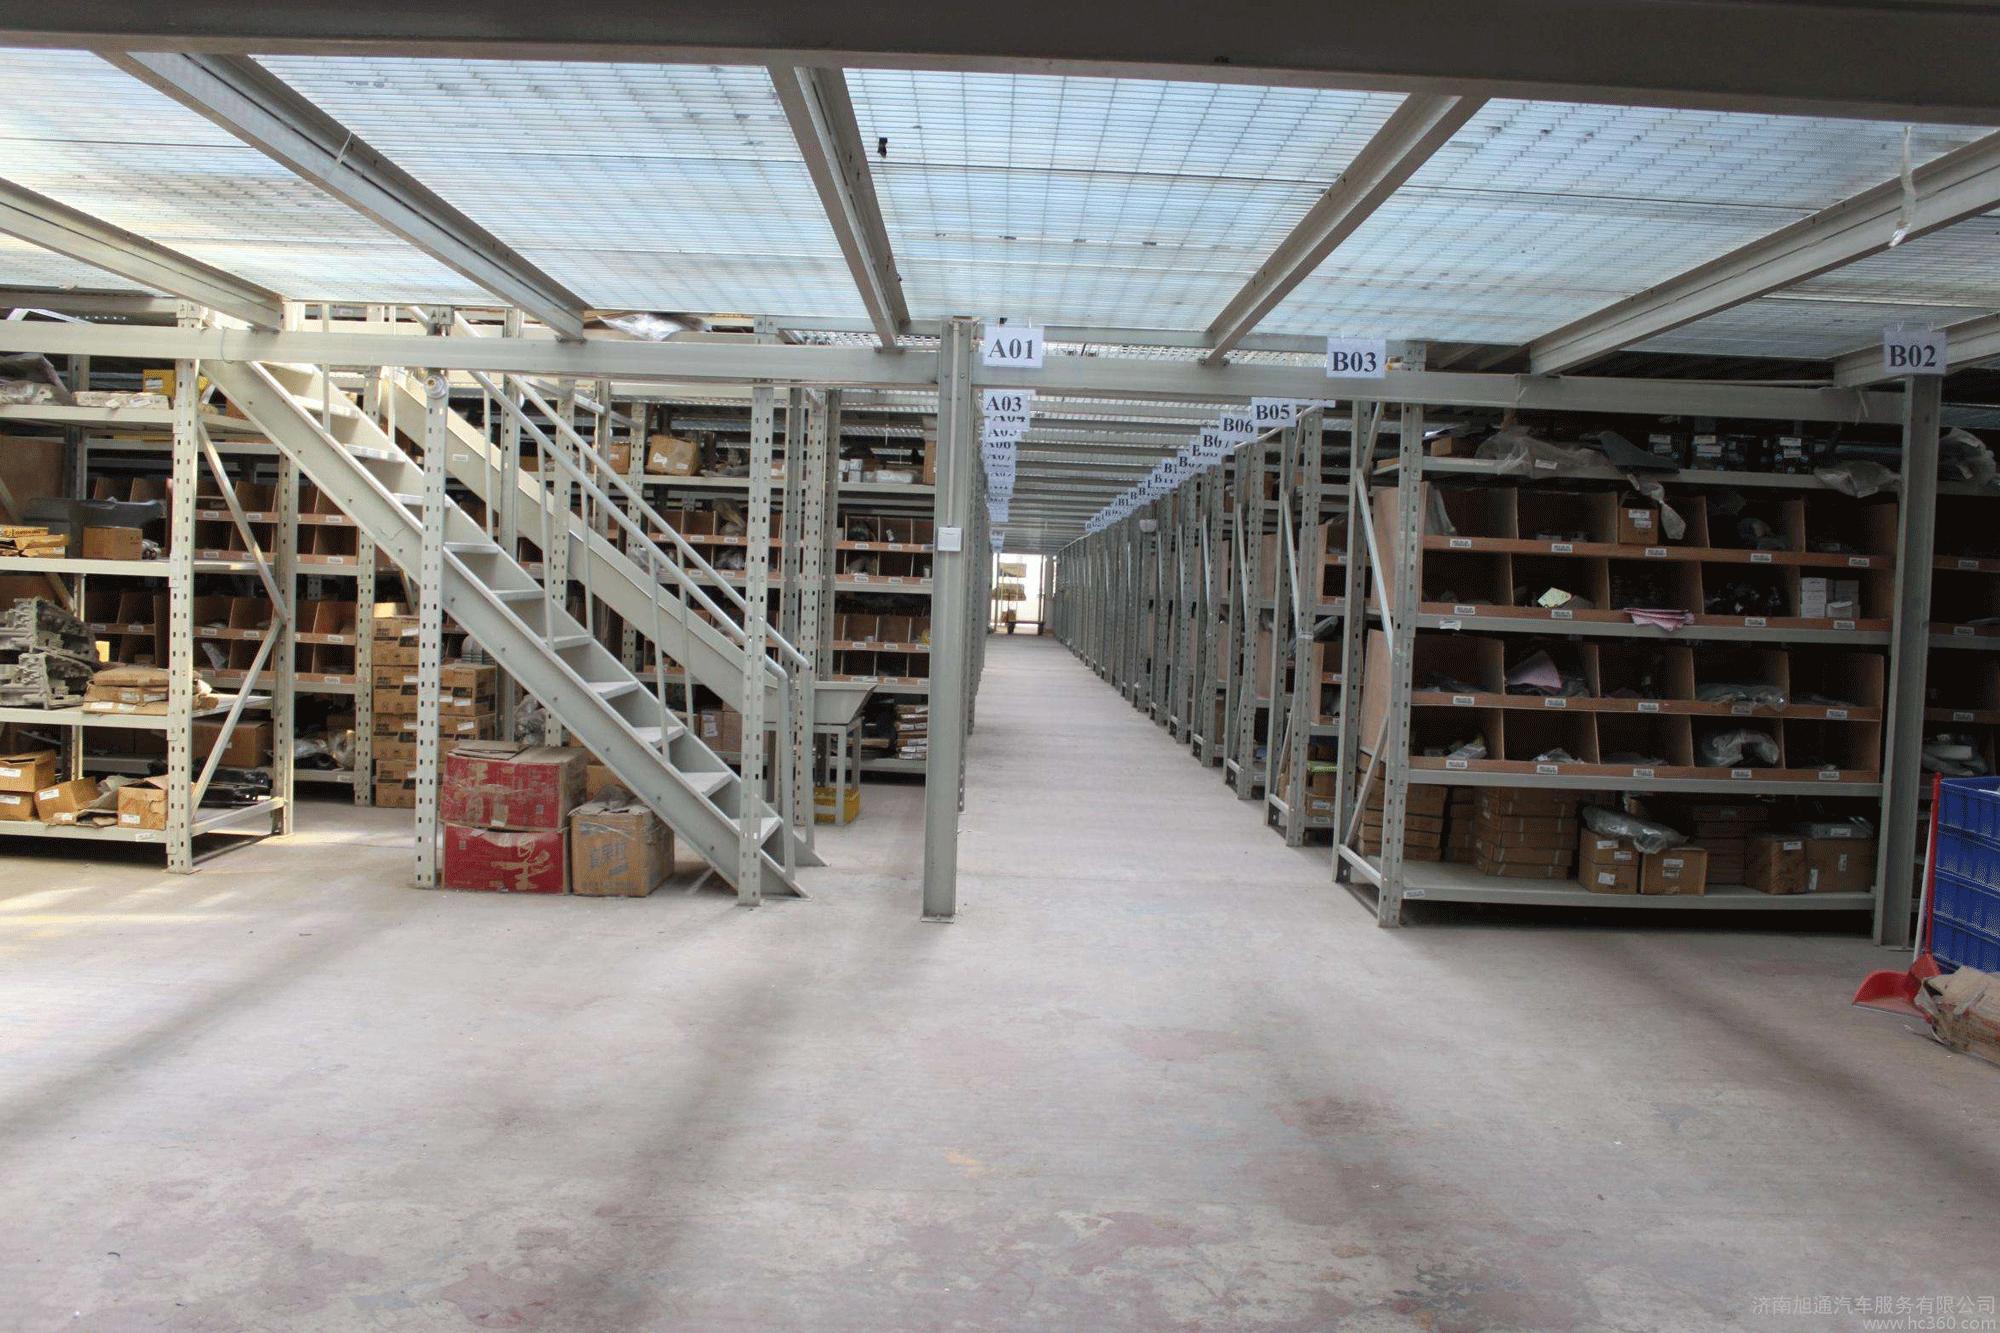 芝加哥海外仓